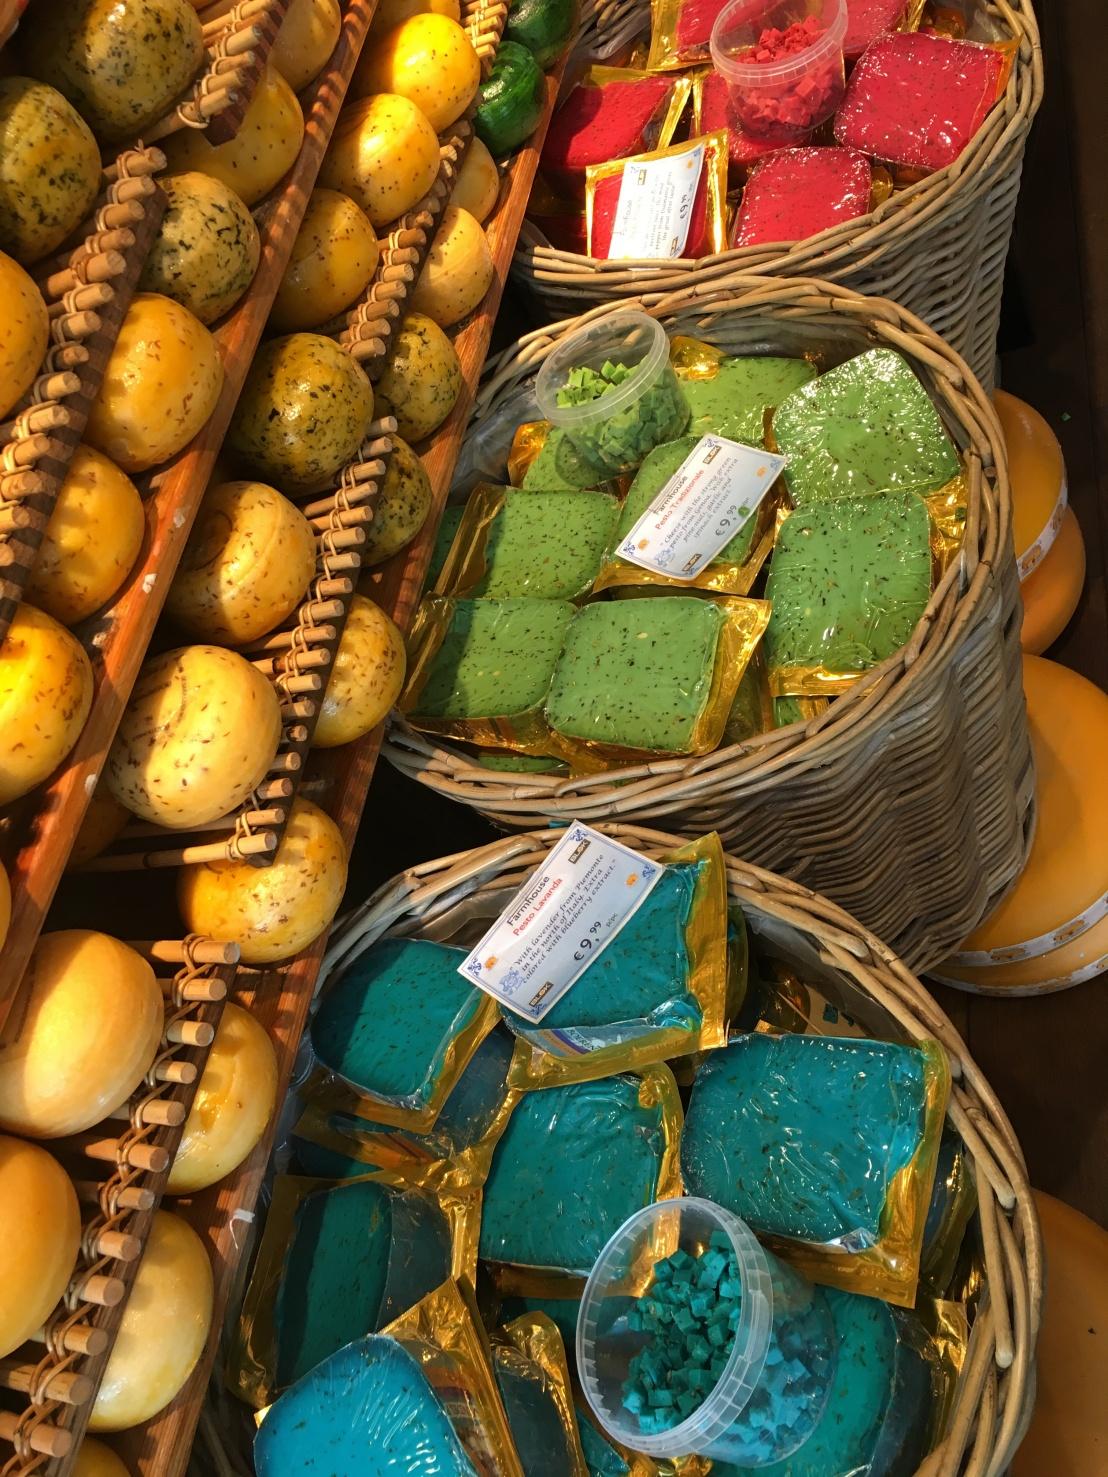 Amsterdam Cheese Museum 4